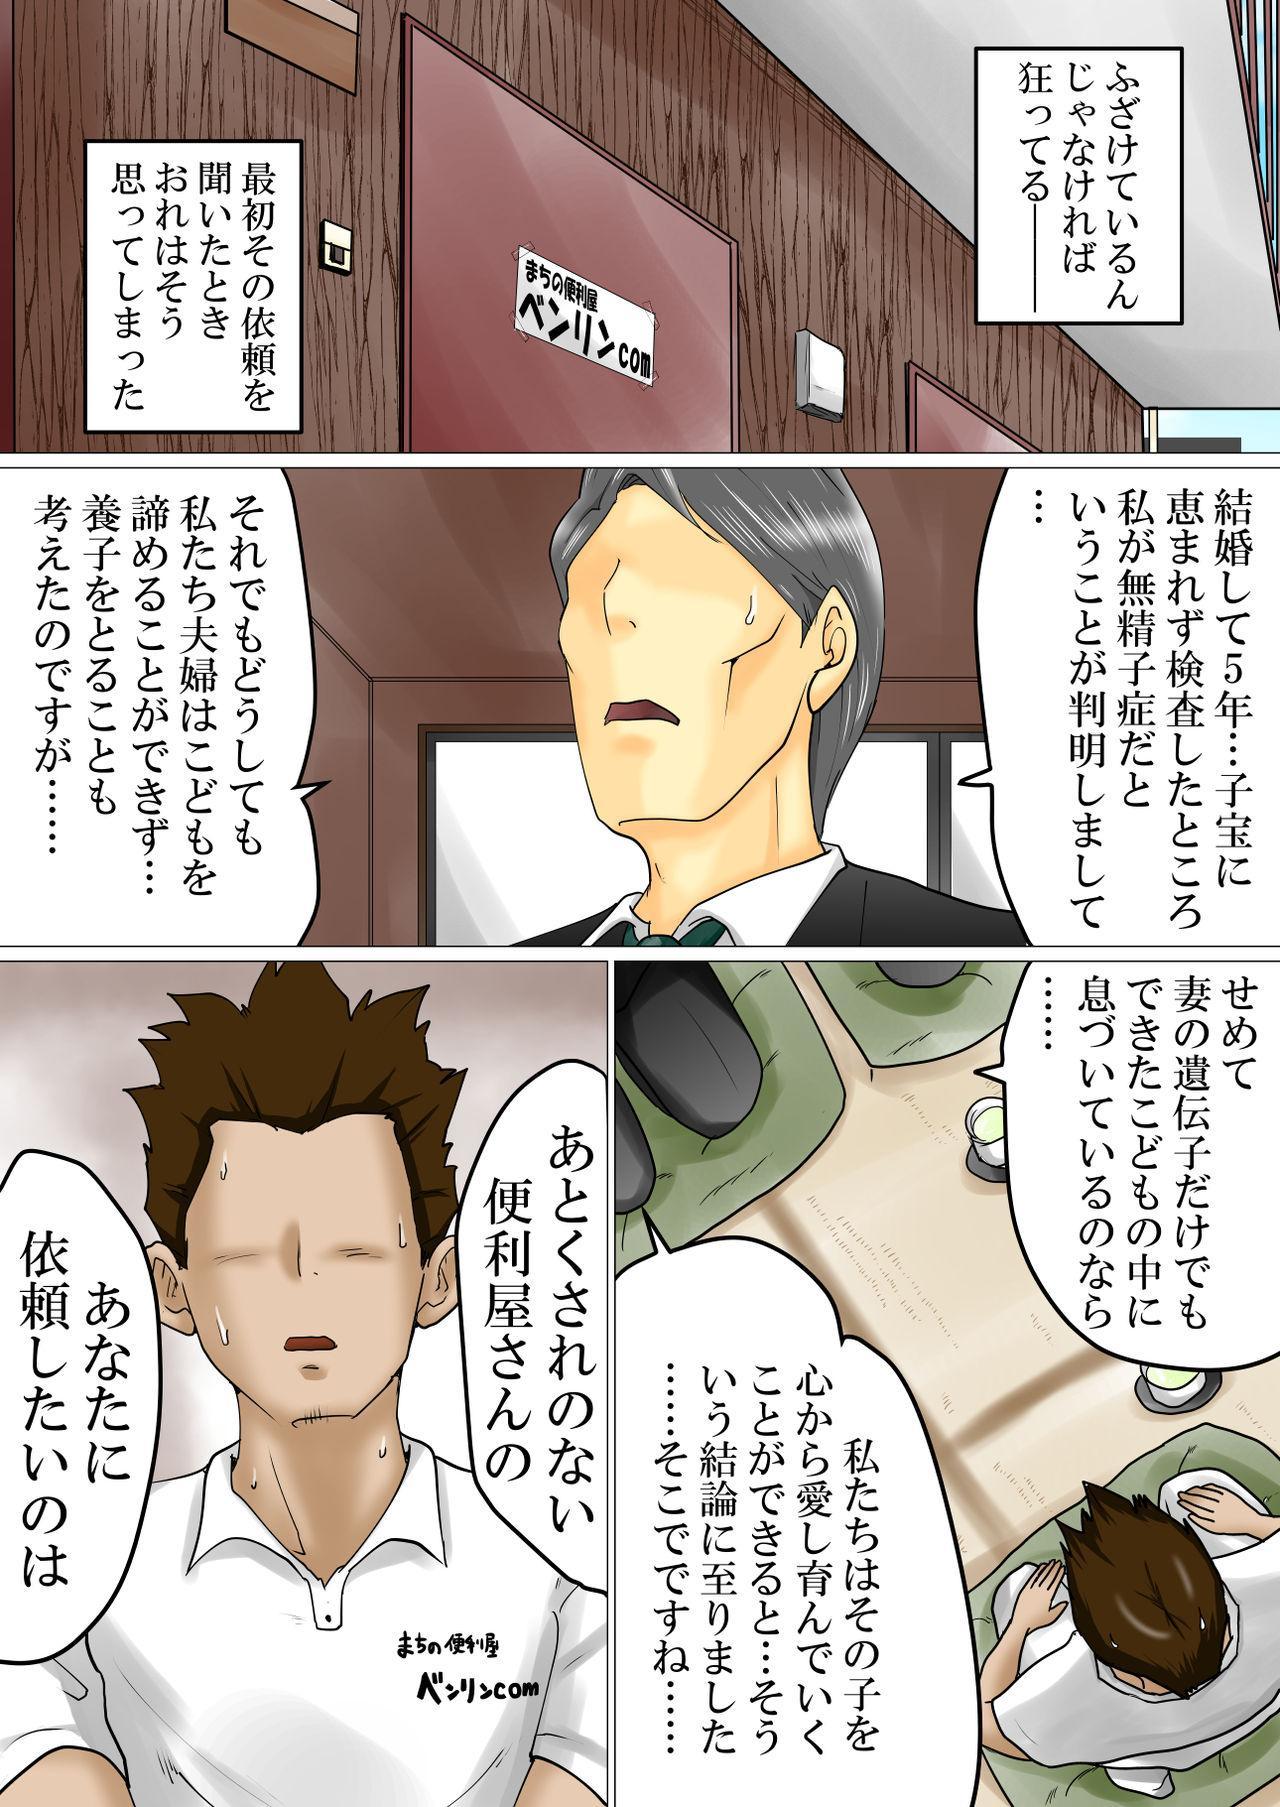 Tanetsuke Irai ~Funin ni Nayamu Fuufu ni Nakadashi o Irai Sareta Benriya no Hanashi 1